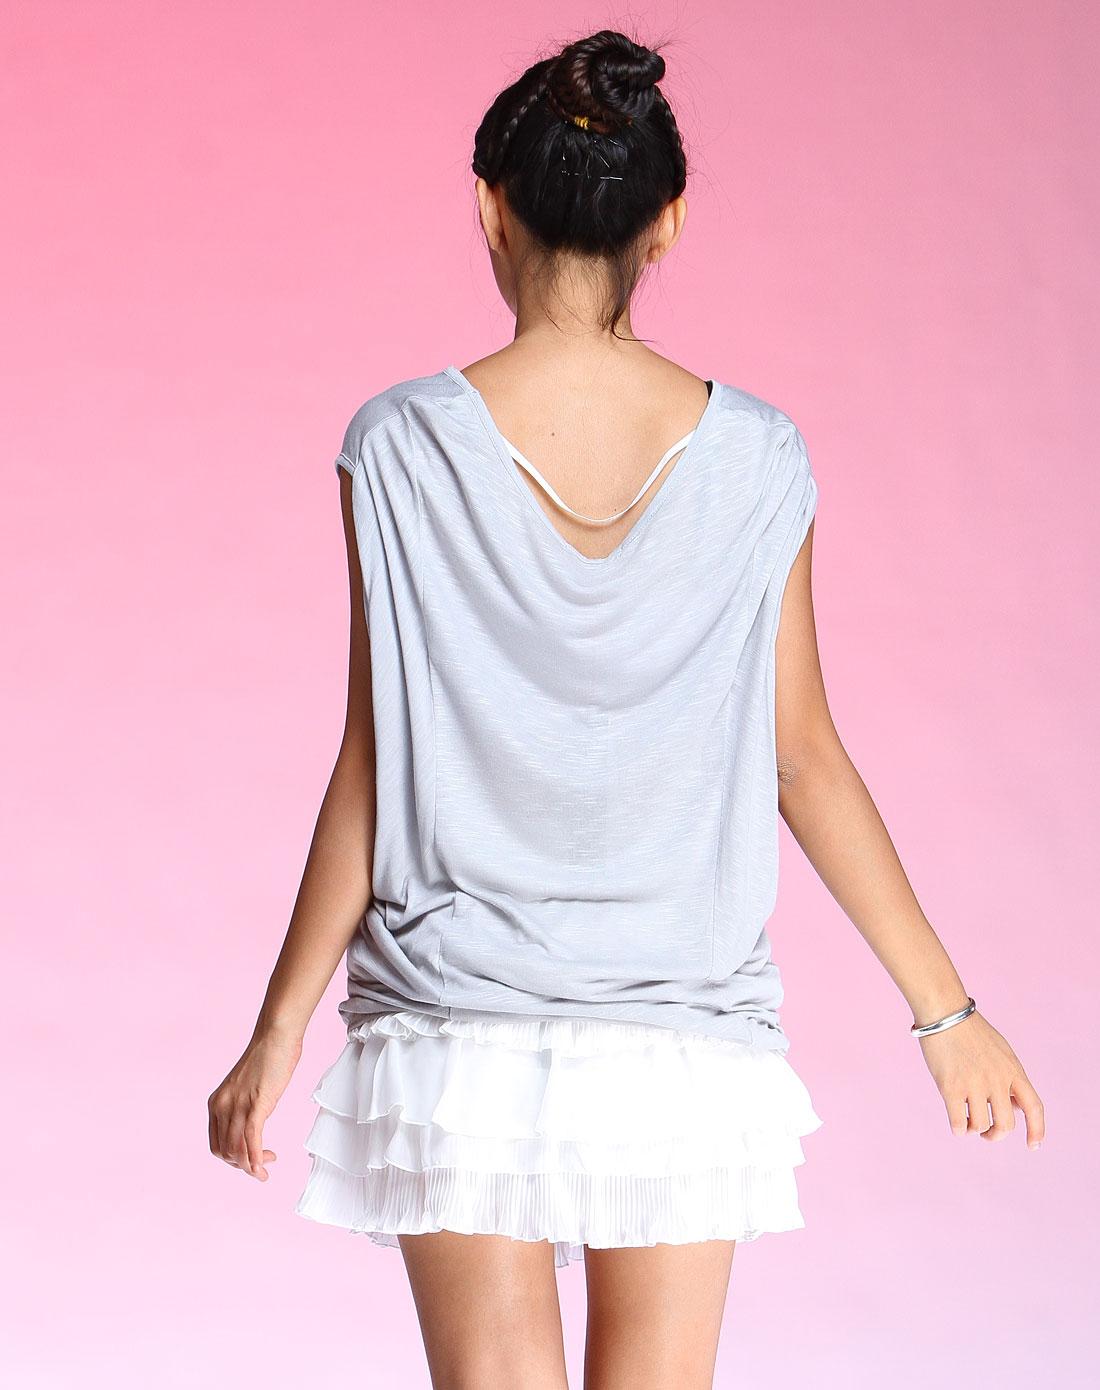 en女装专场 浅灰色时尚竹节布美人头蝙蝠短袖t恤